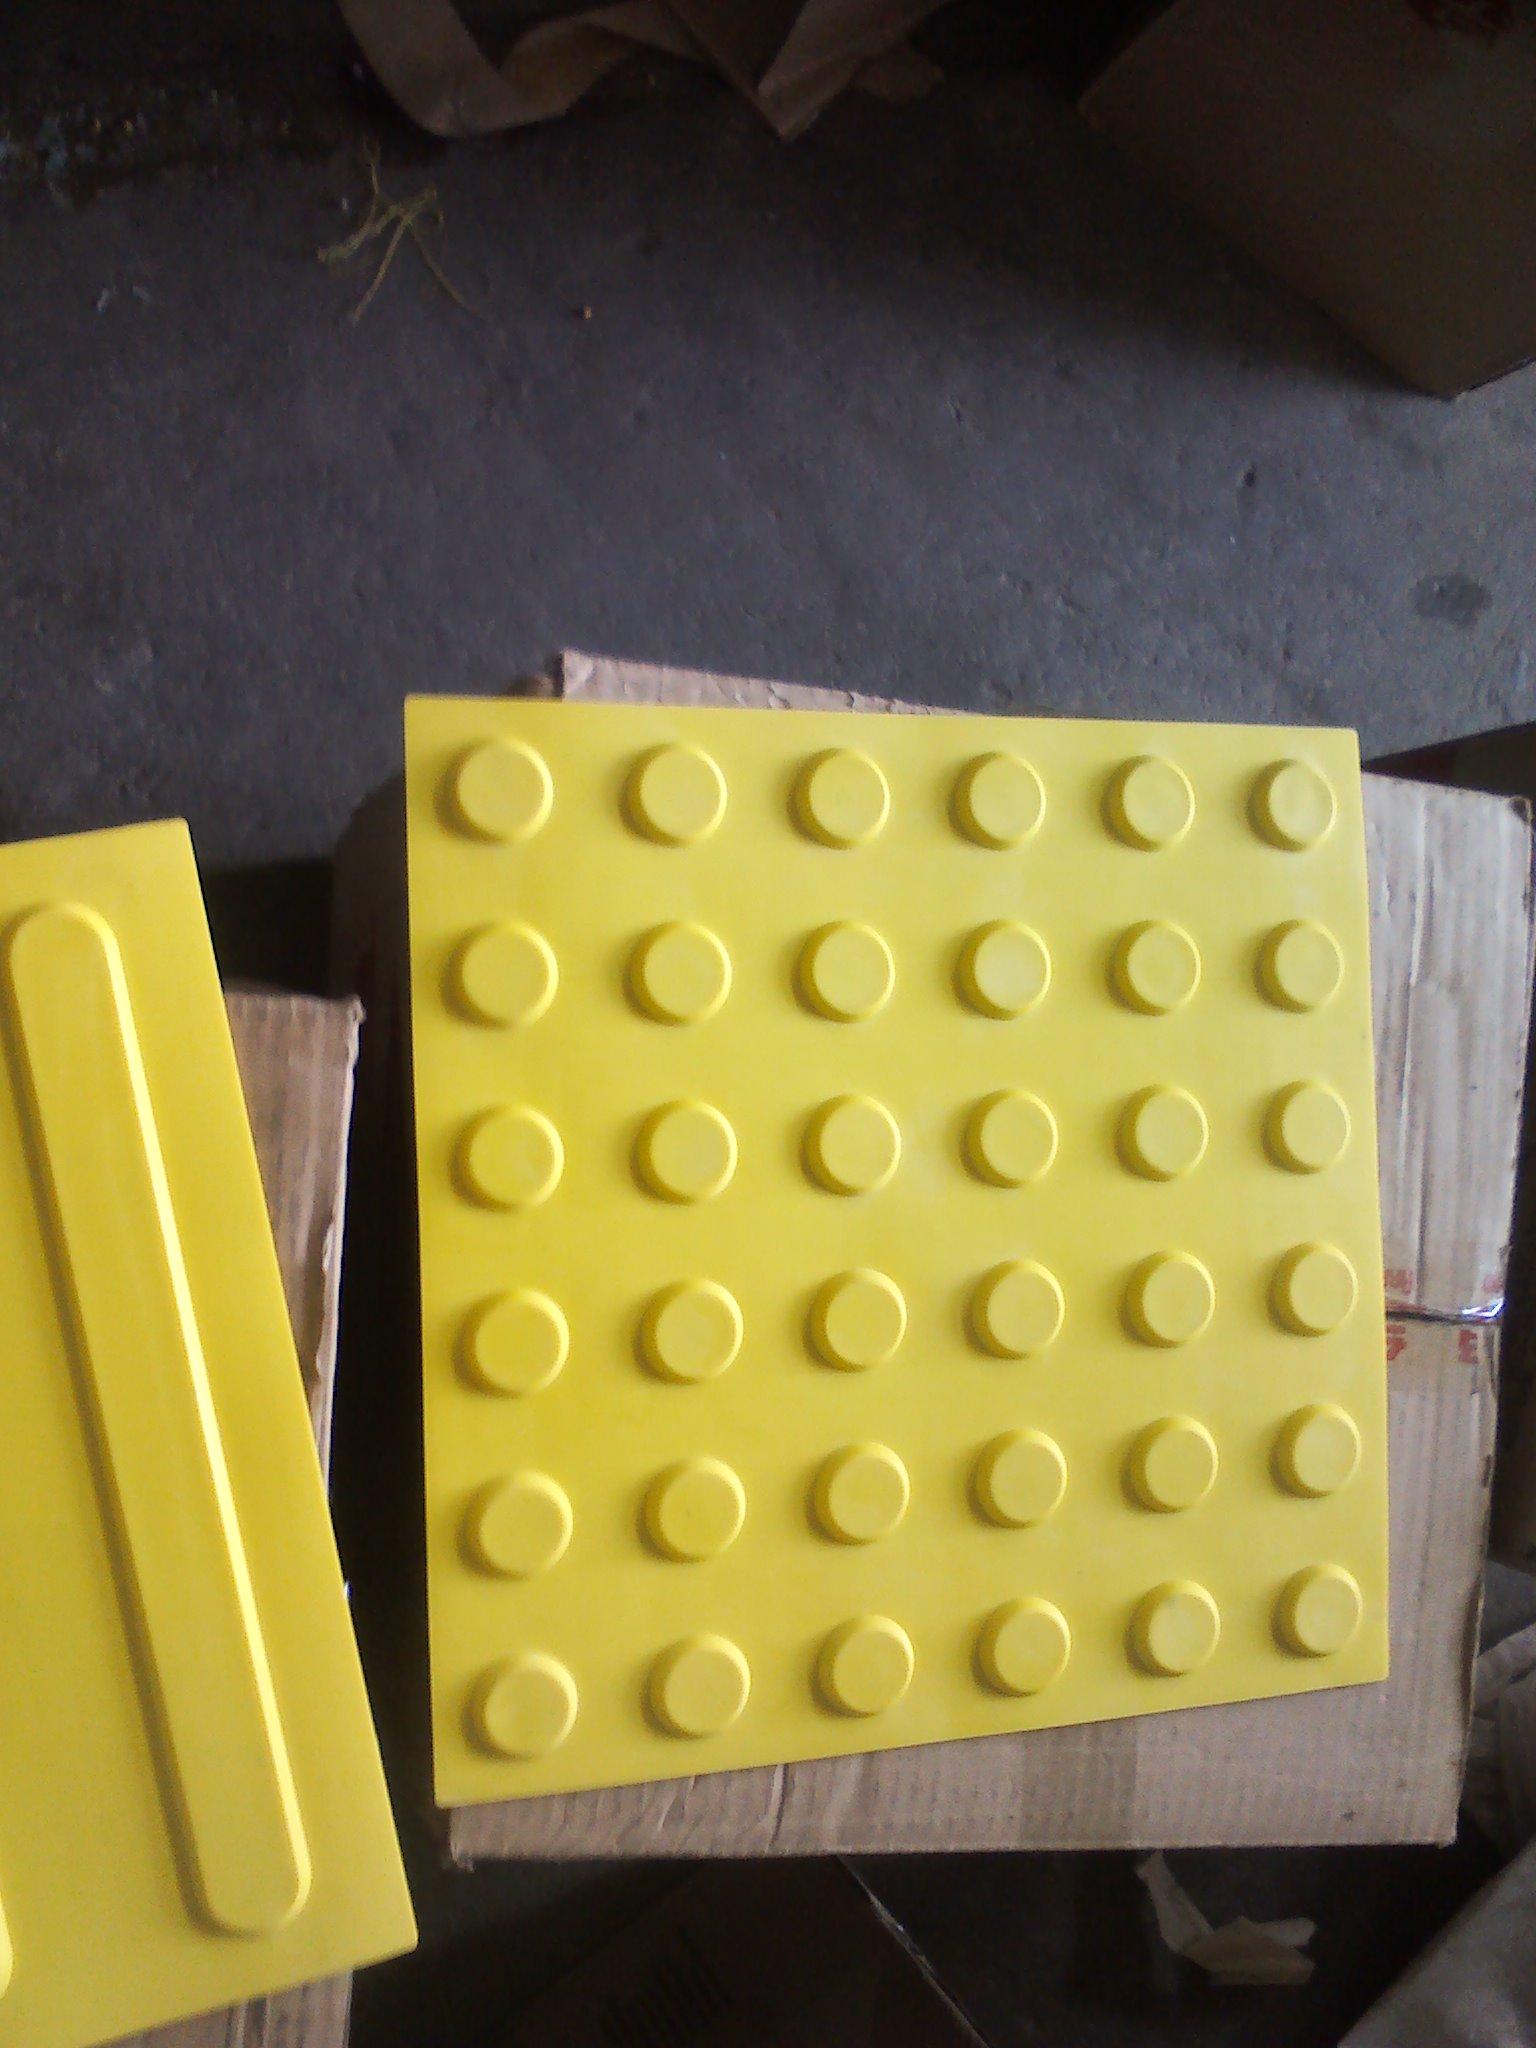 橡胶盲道砖卖多少钱一片南宁盲道砖款式